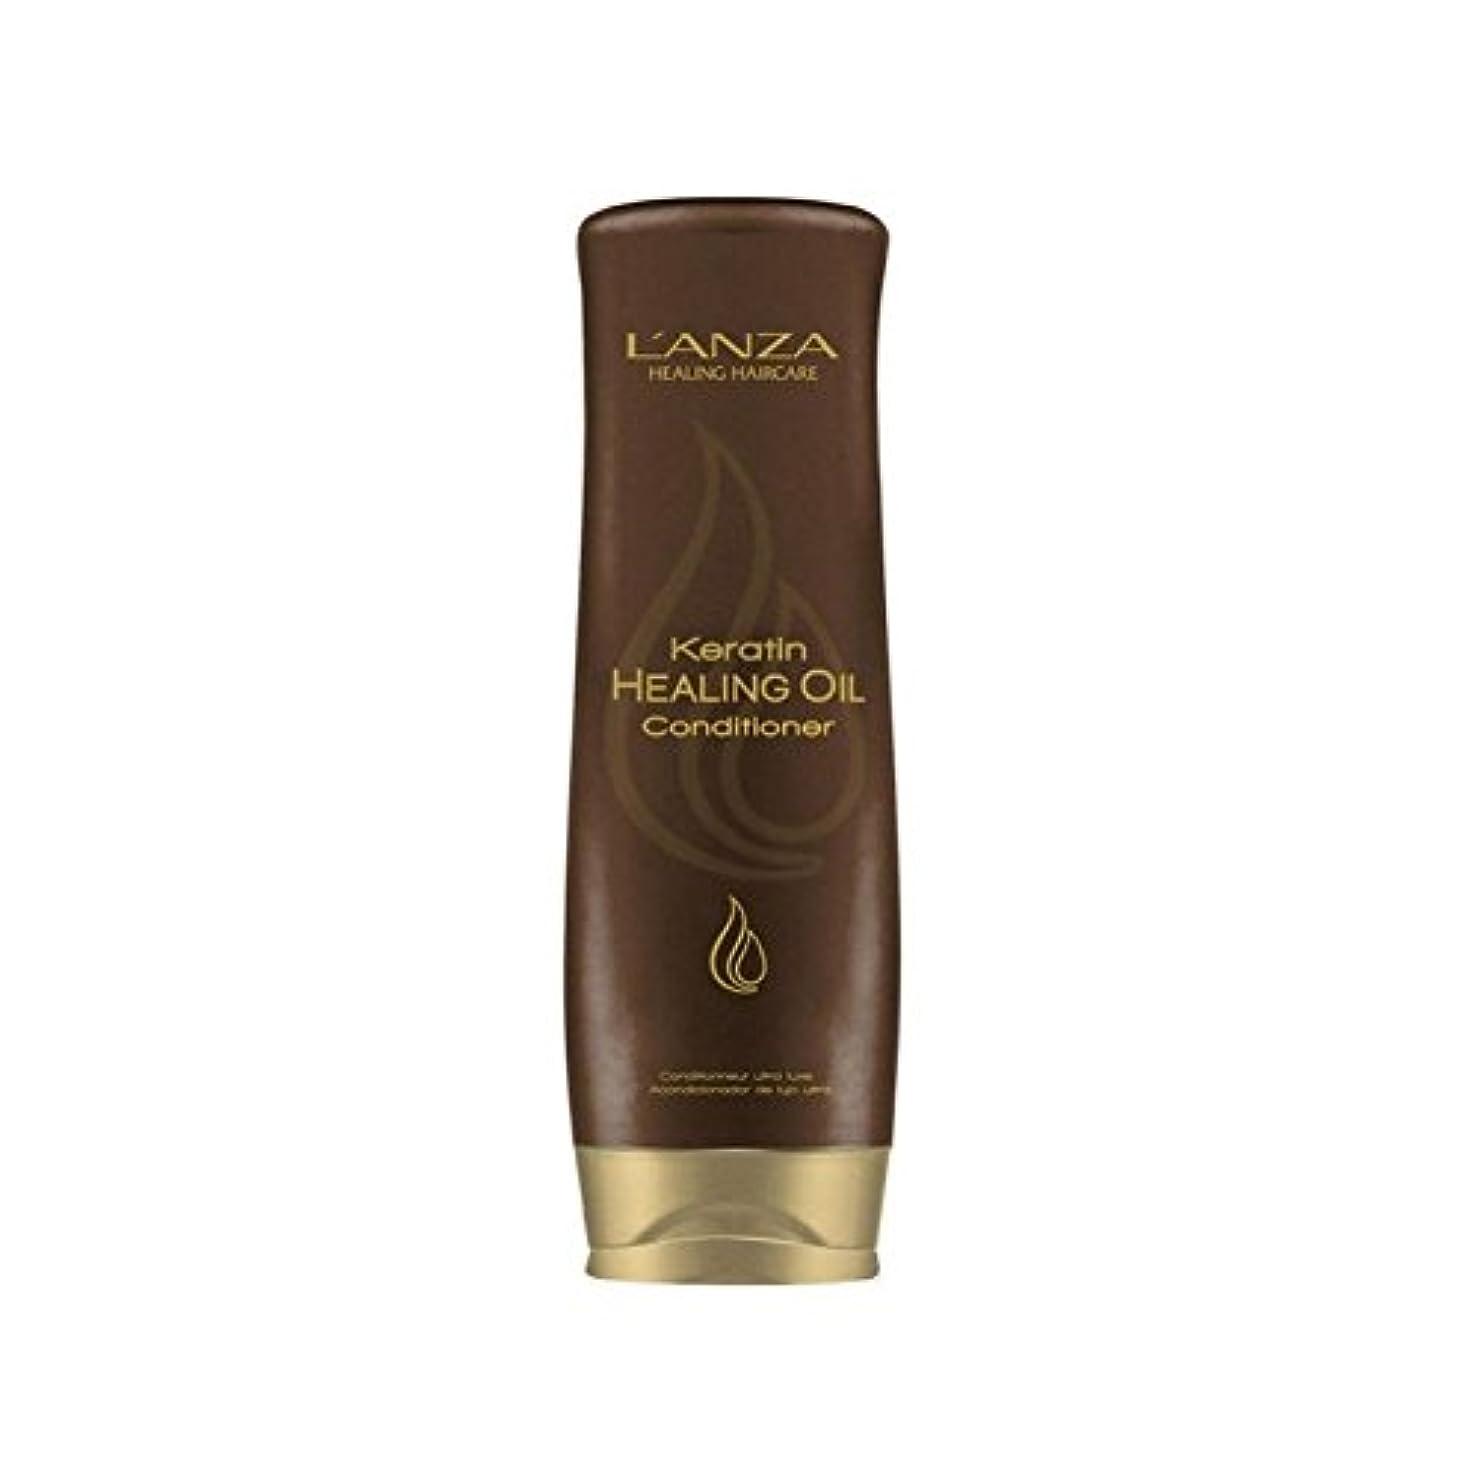 ランタン傾向がありますスポーツマンL'Anza Keratin Healing Oil Conditioner (250ml) - アンザケラチンオイルコンディショナー(250ミリリットル)を癒し [並行輸入品]